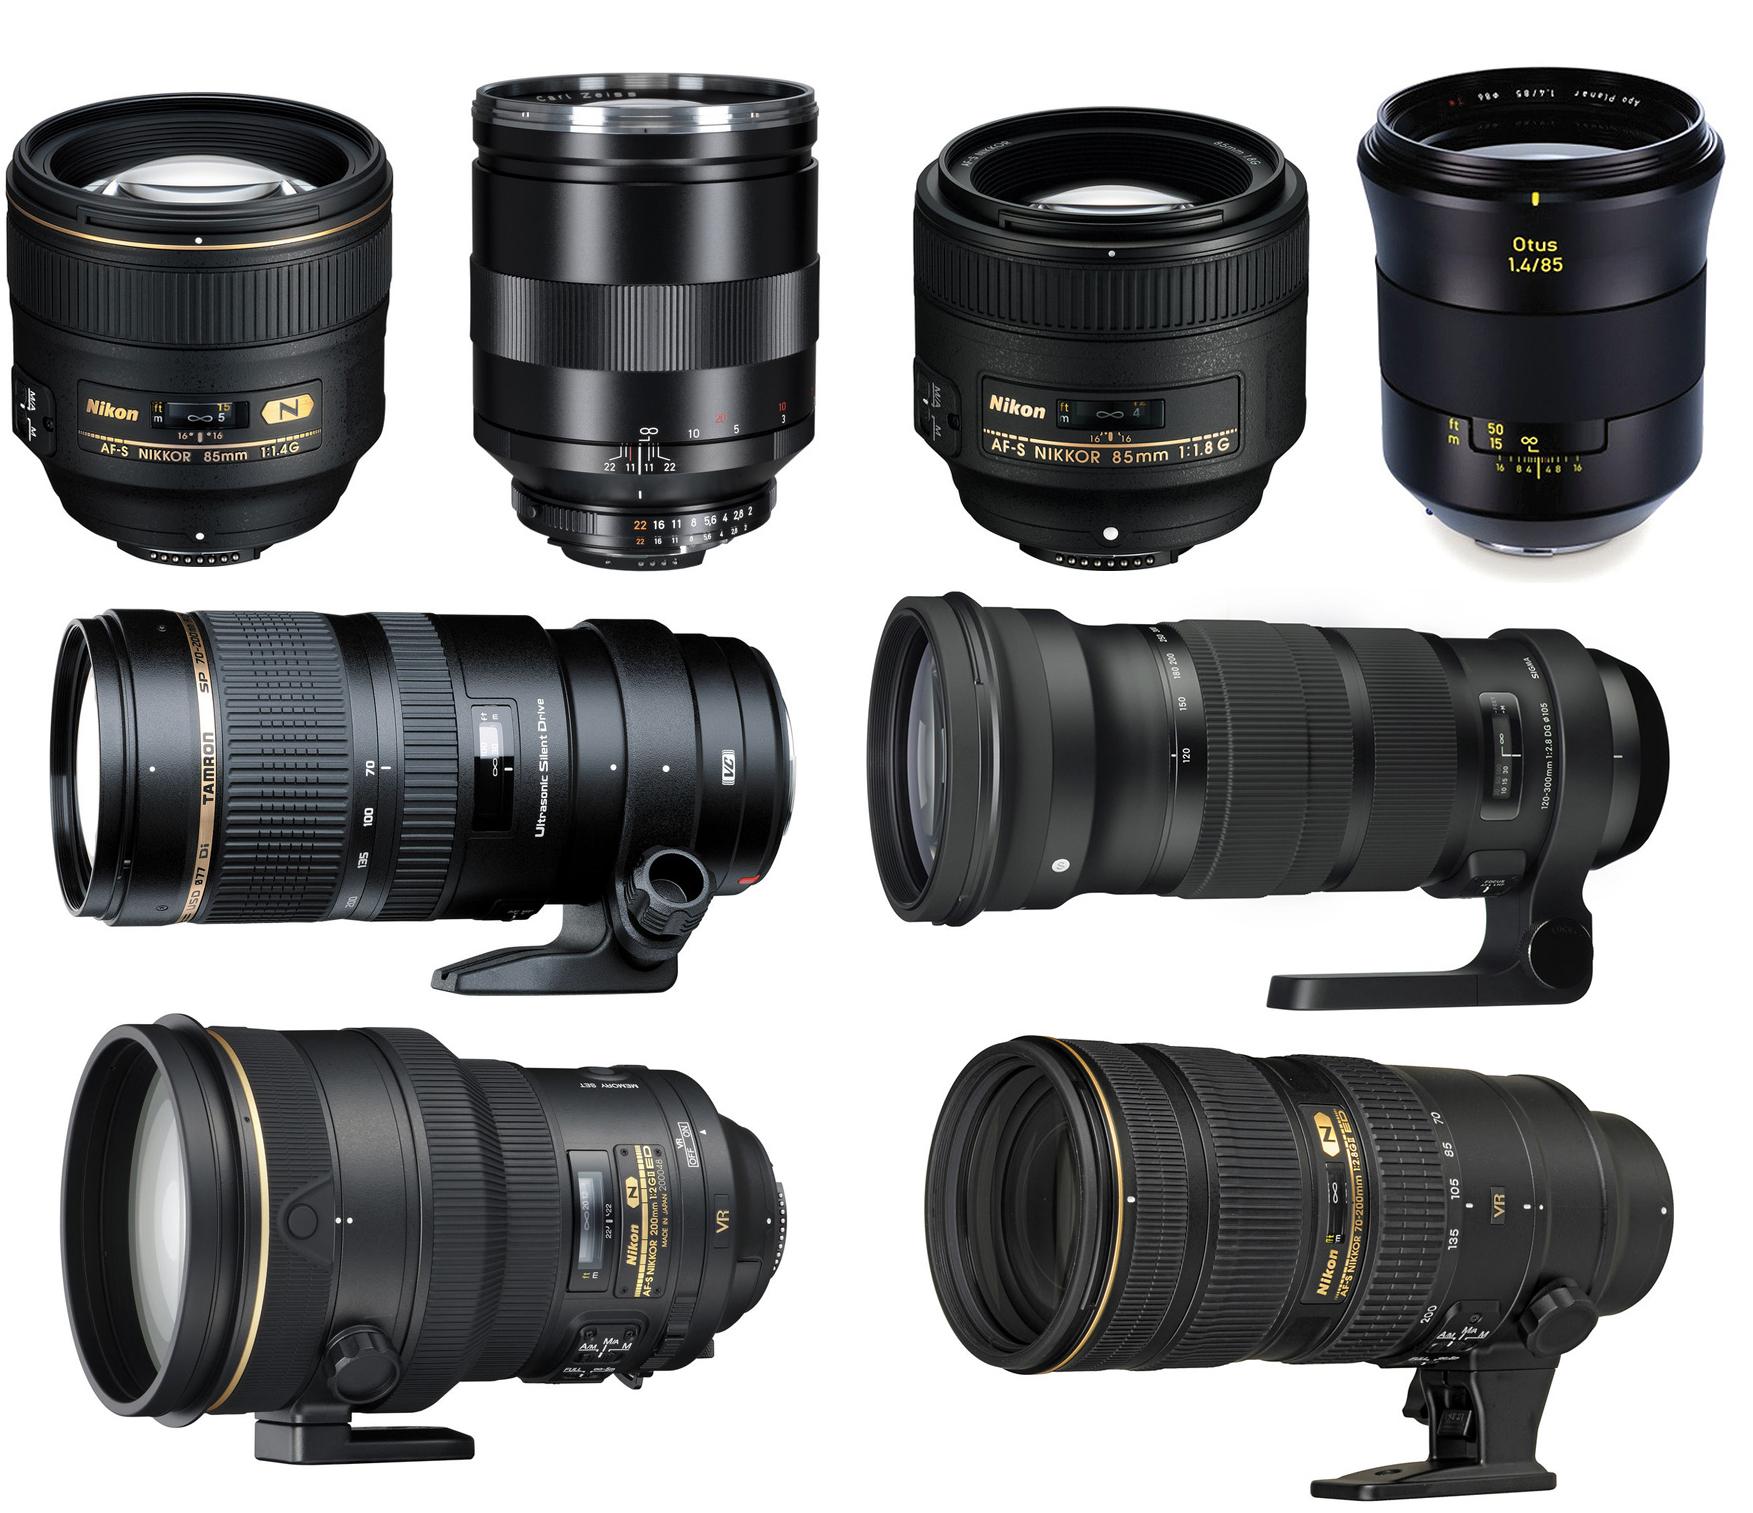 Best Telephoto Lenses for Nikon DSLRs | Lens Rumors